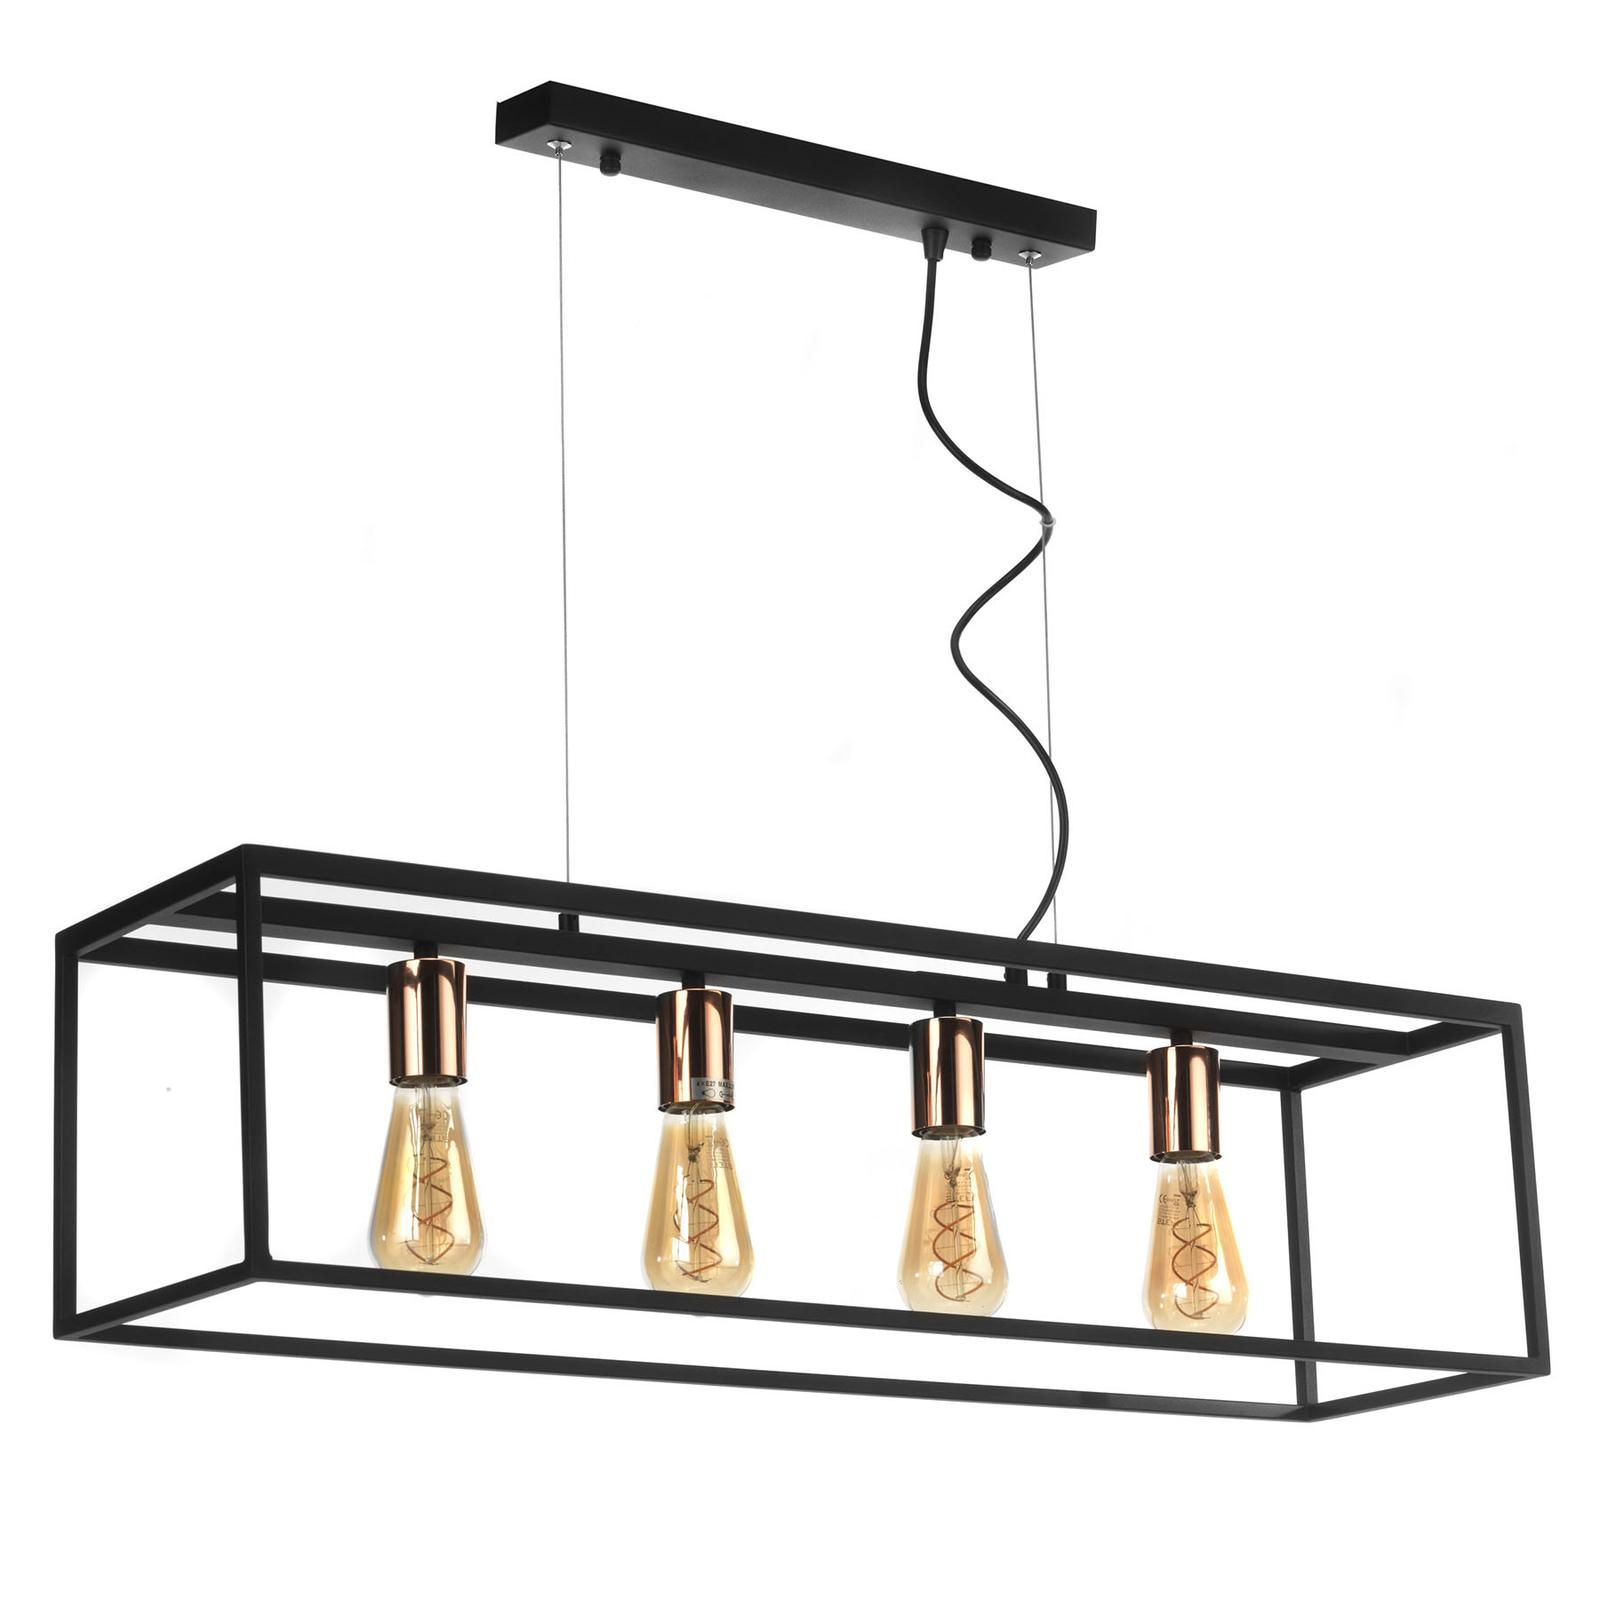 Suspension Floki parallélépipède ouvert, 4 lampes